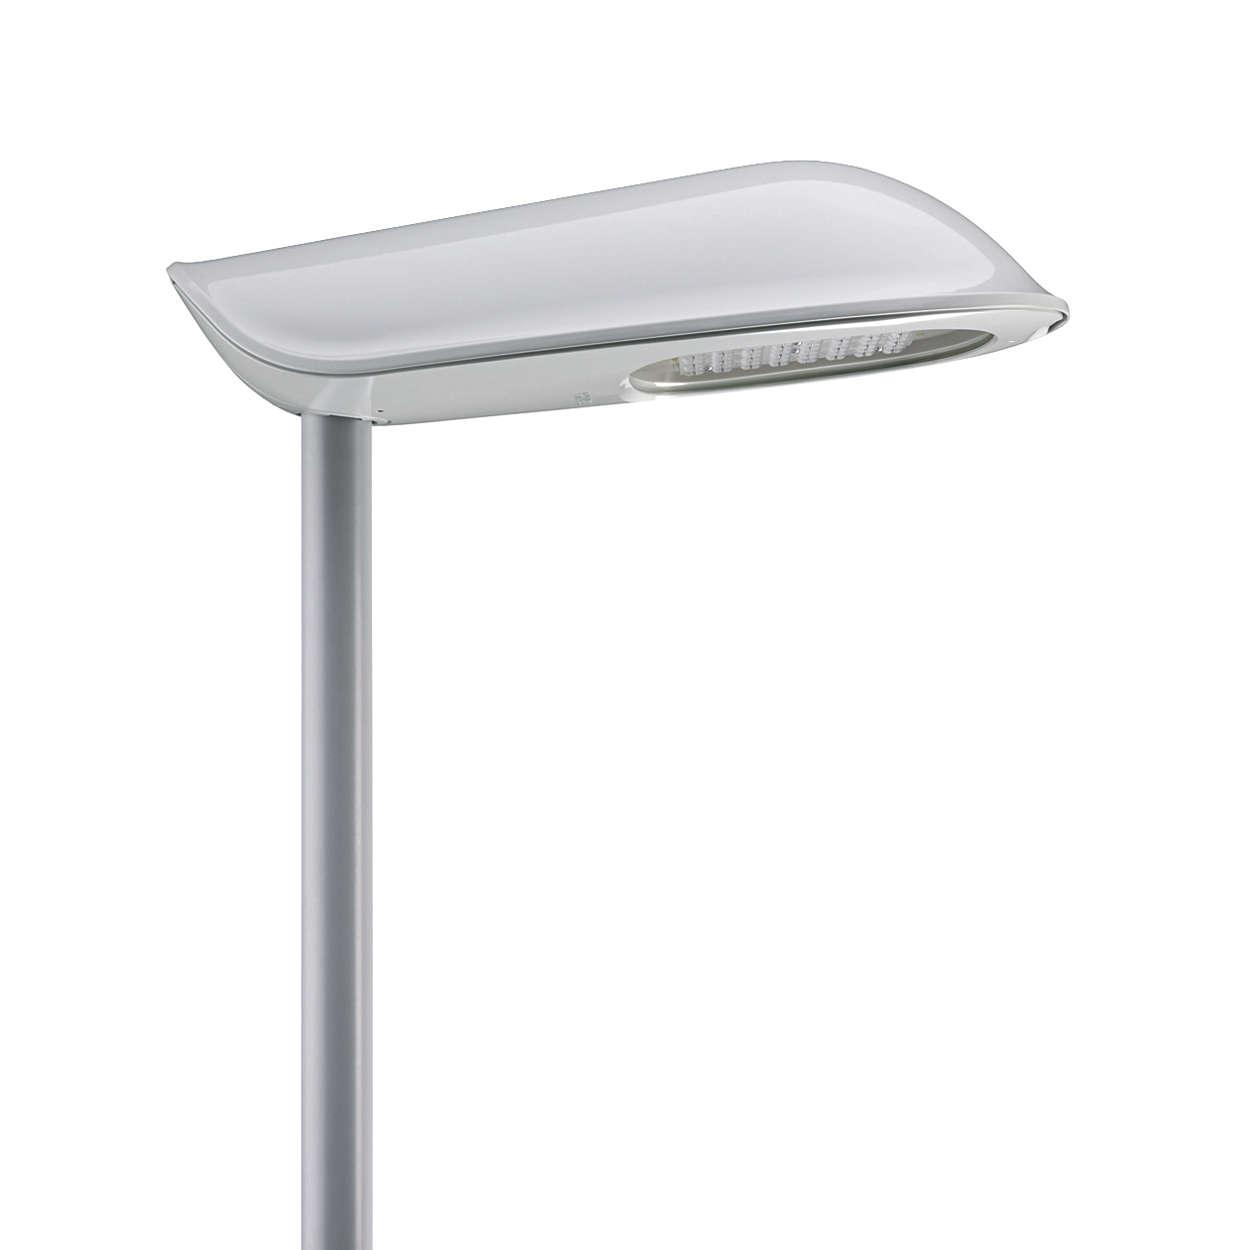 Iridium² LED mittlere Bauform – die Straßenbeleuchtung der Zukunft